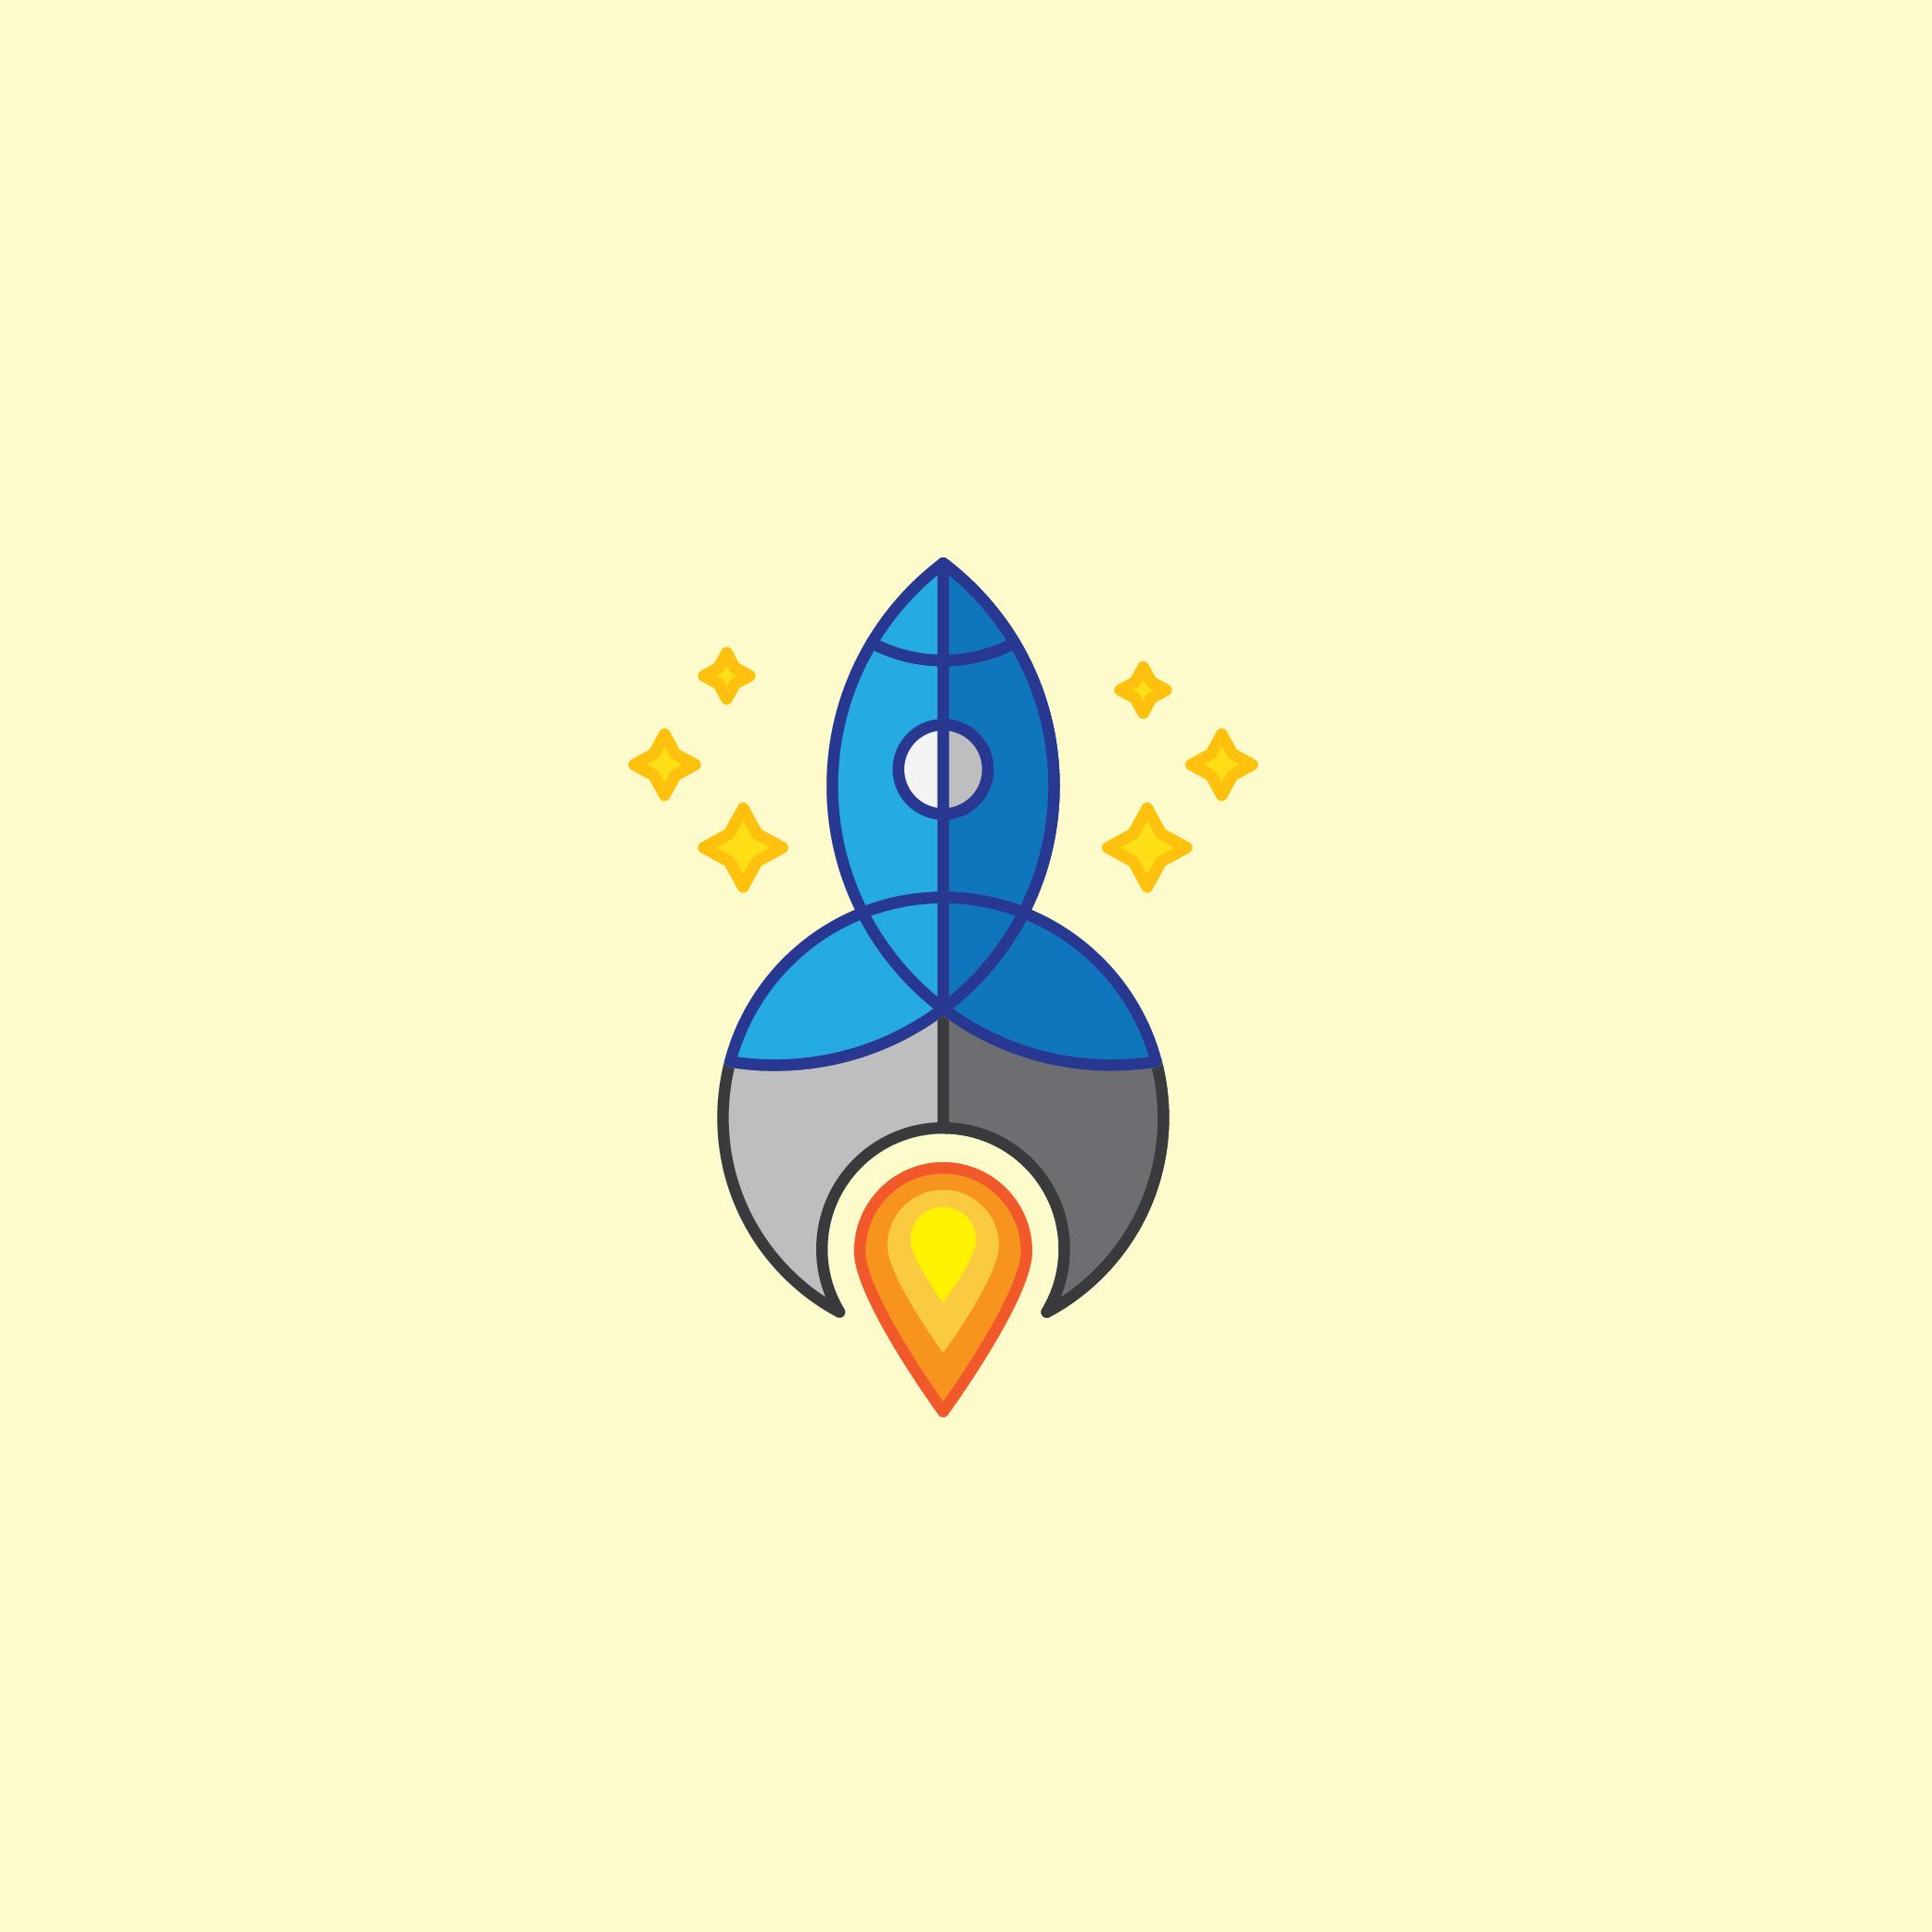 Spaceship-Logo-15.jpg